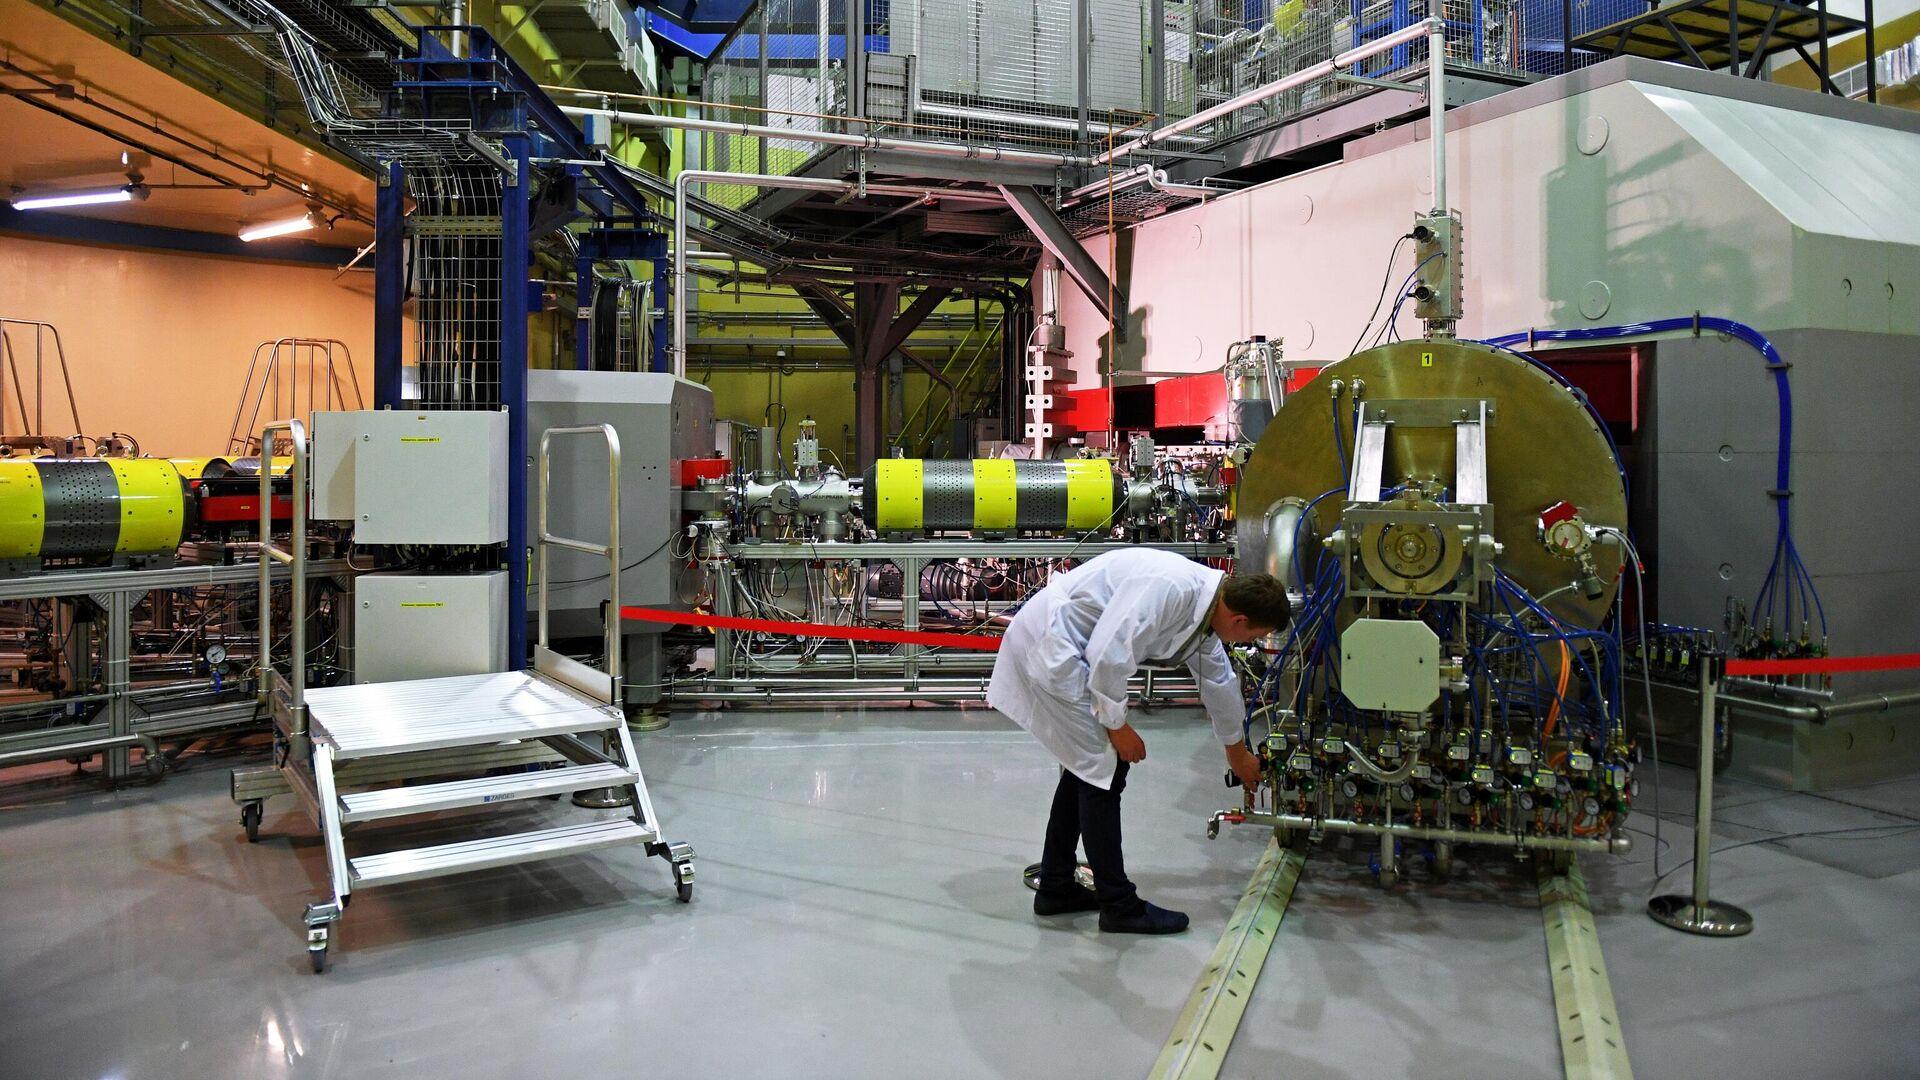 Запуск циклотрона ДЦ-280 в Объединенном институте ядерных исследований (ОИЯИ) в Дубне - РИА Новости, 1920, 26.03.2021